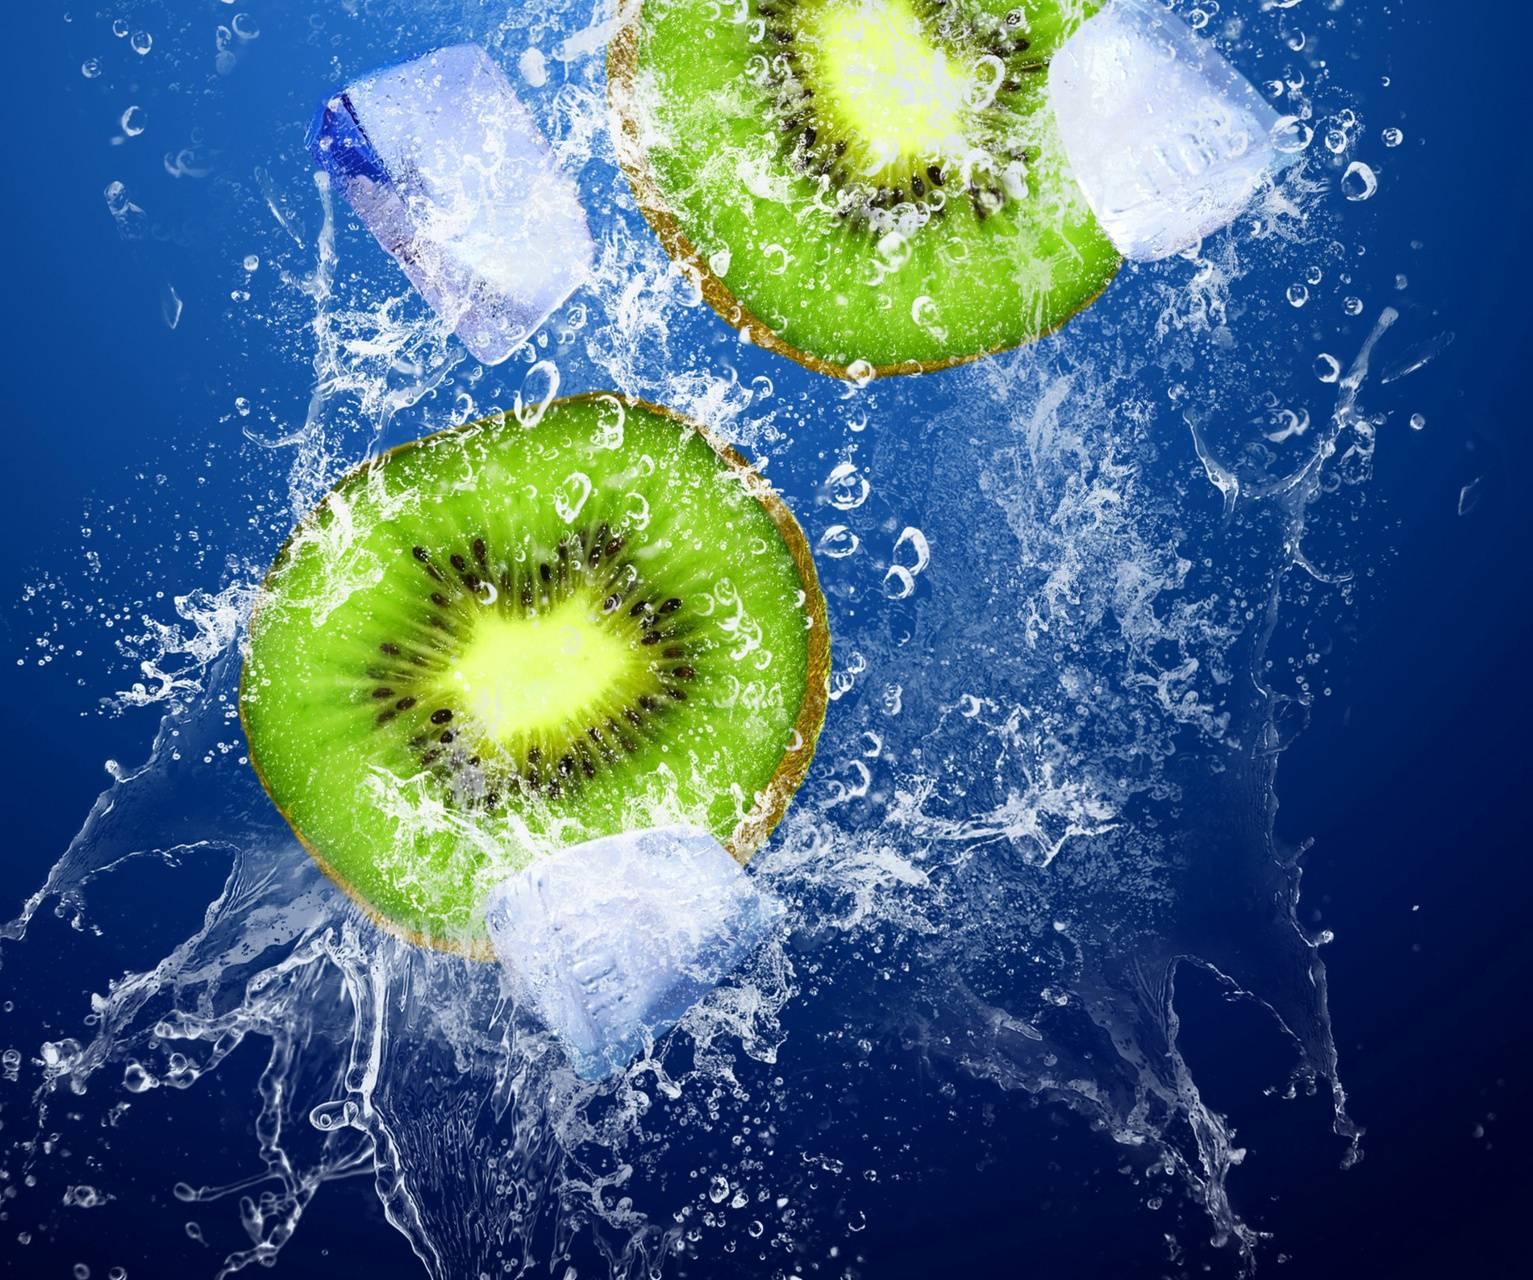 Kiwi and ice